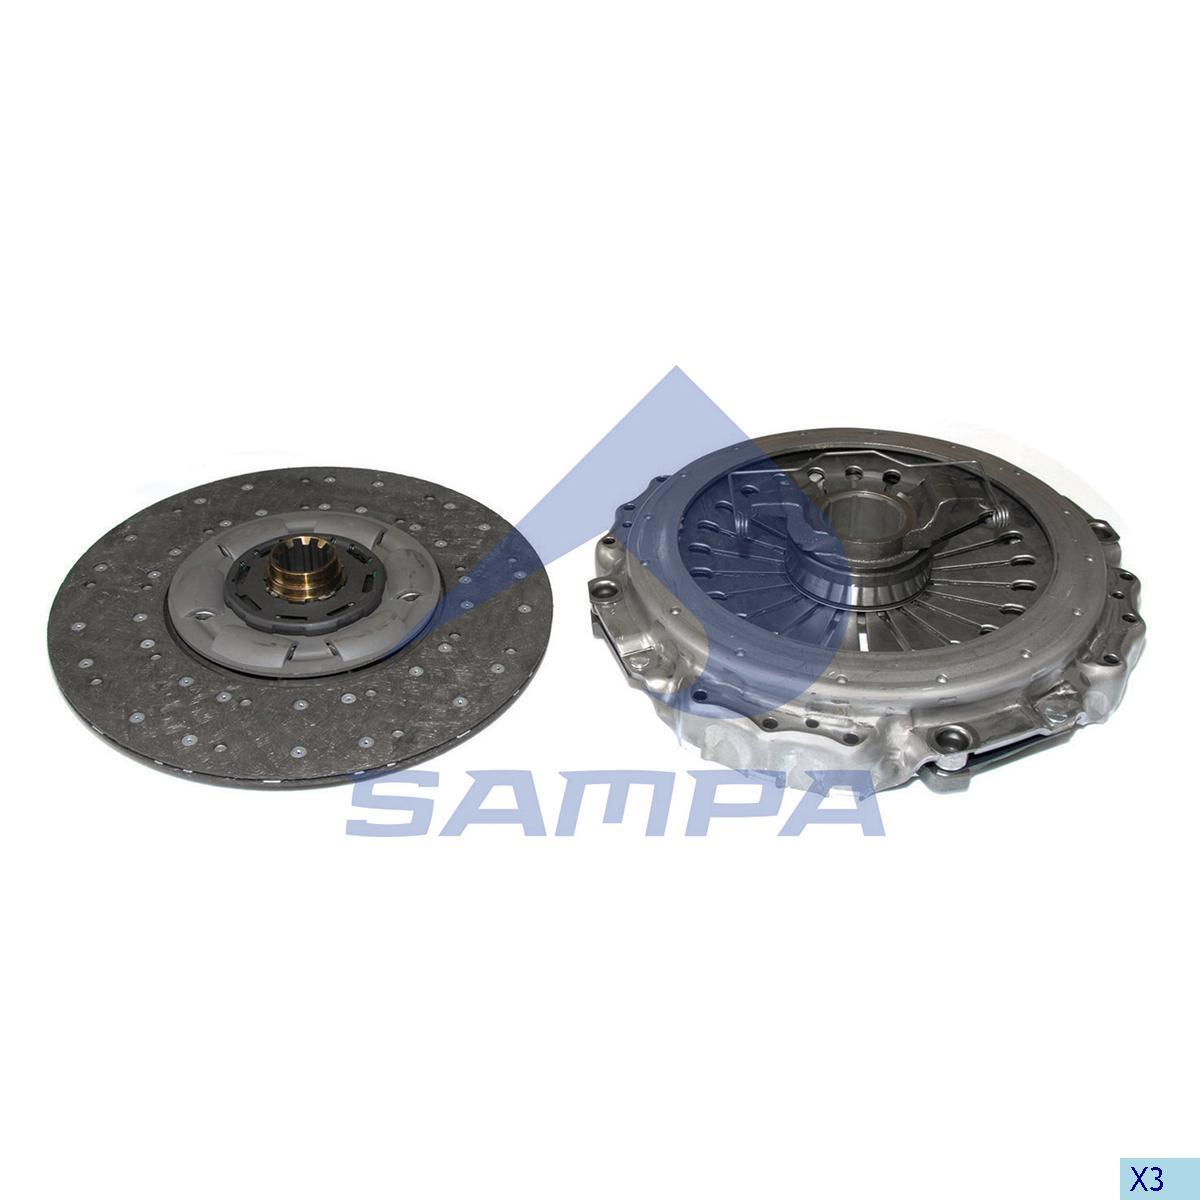 Repair Kit, Clutch, Volvo, Clutch